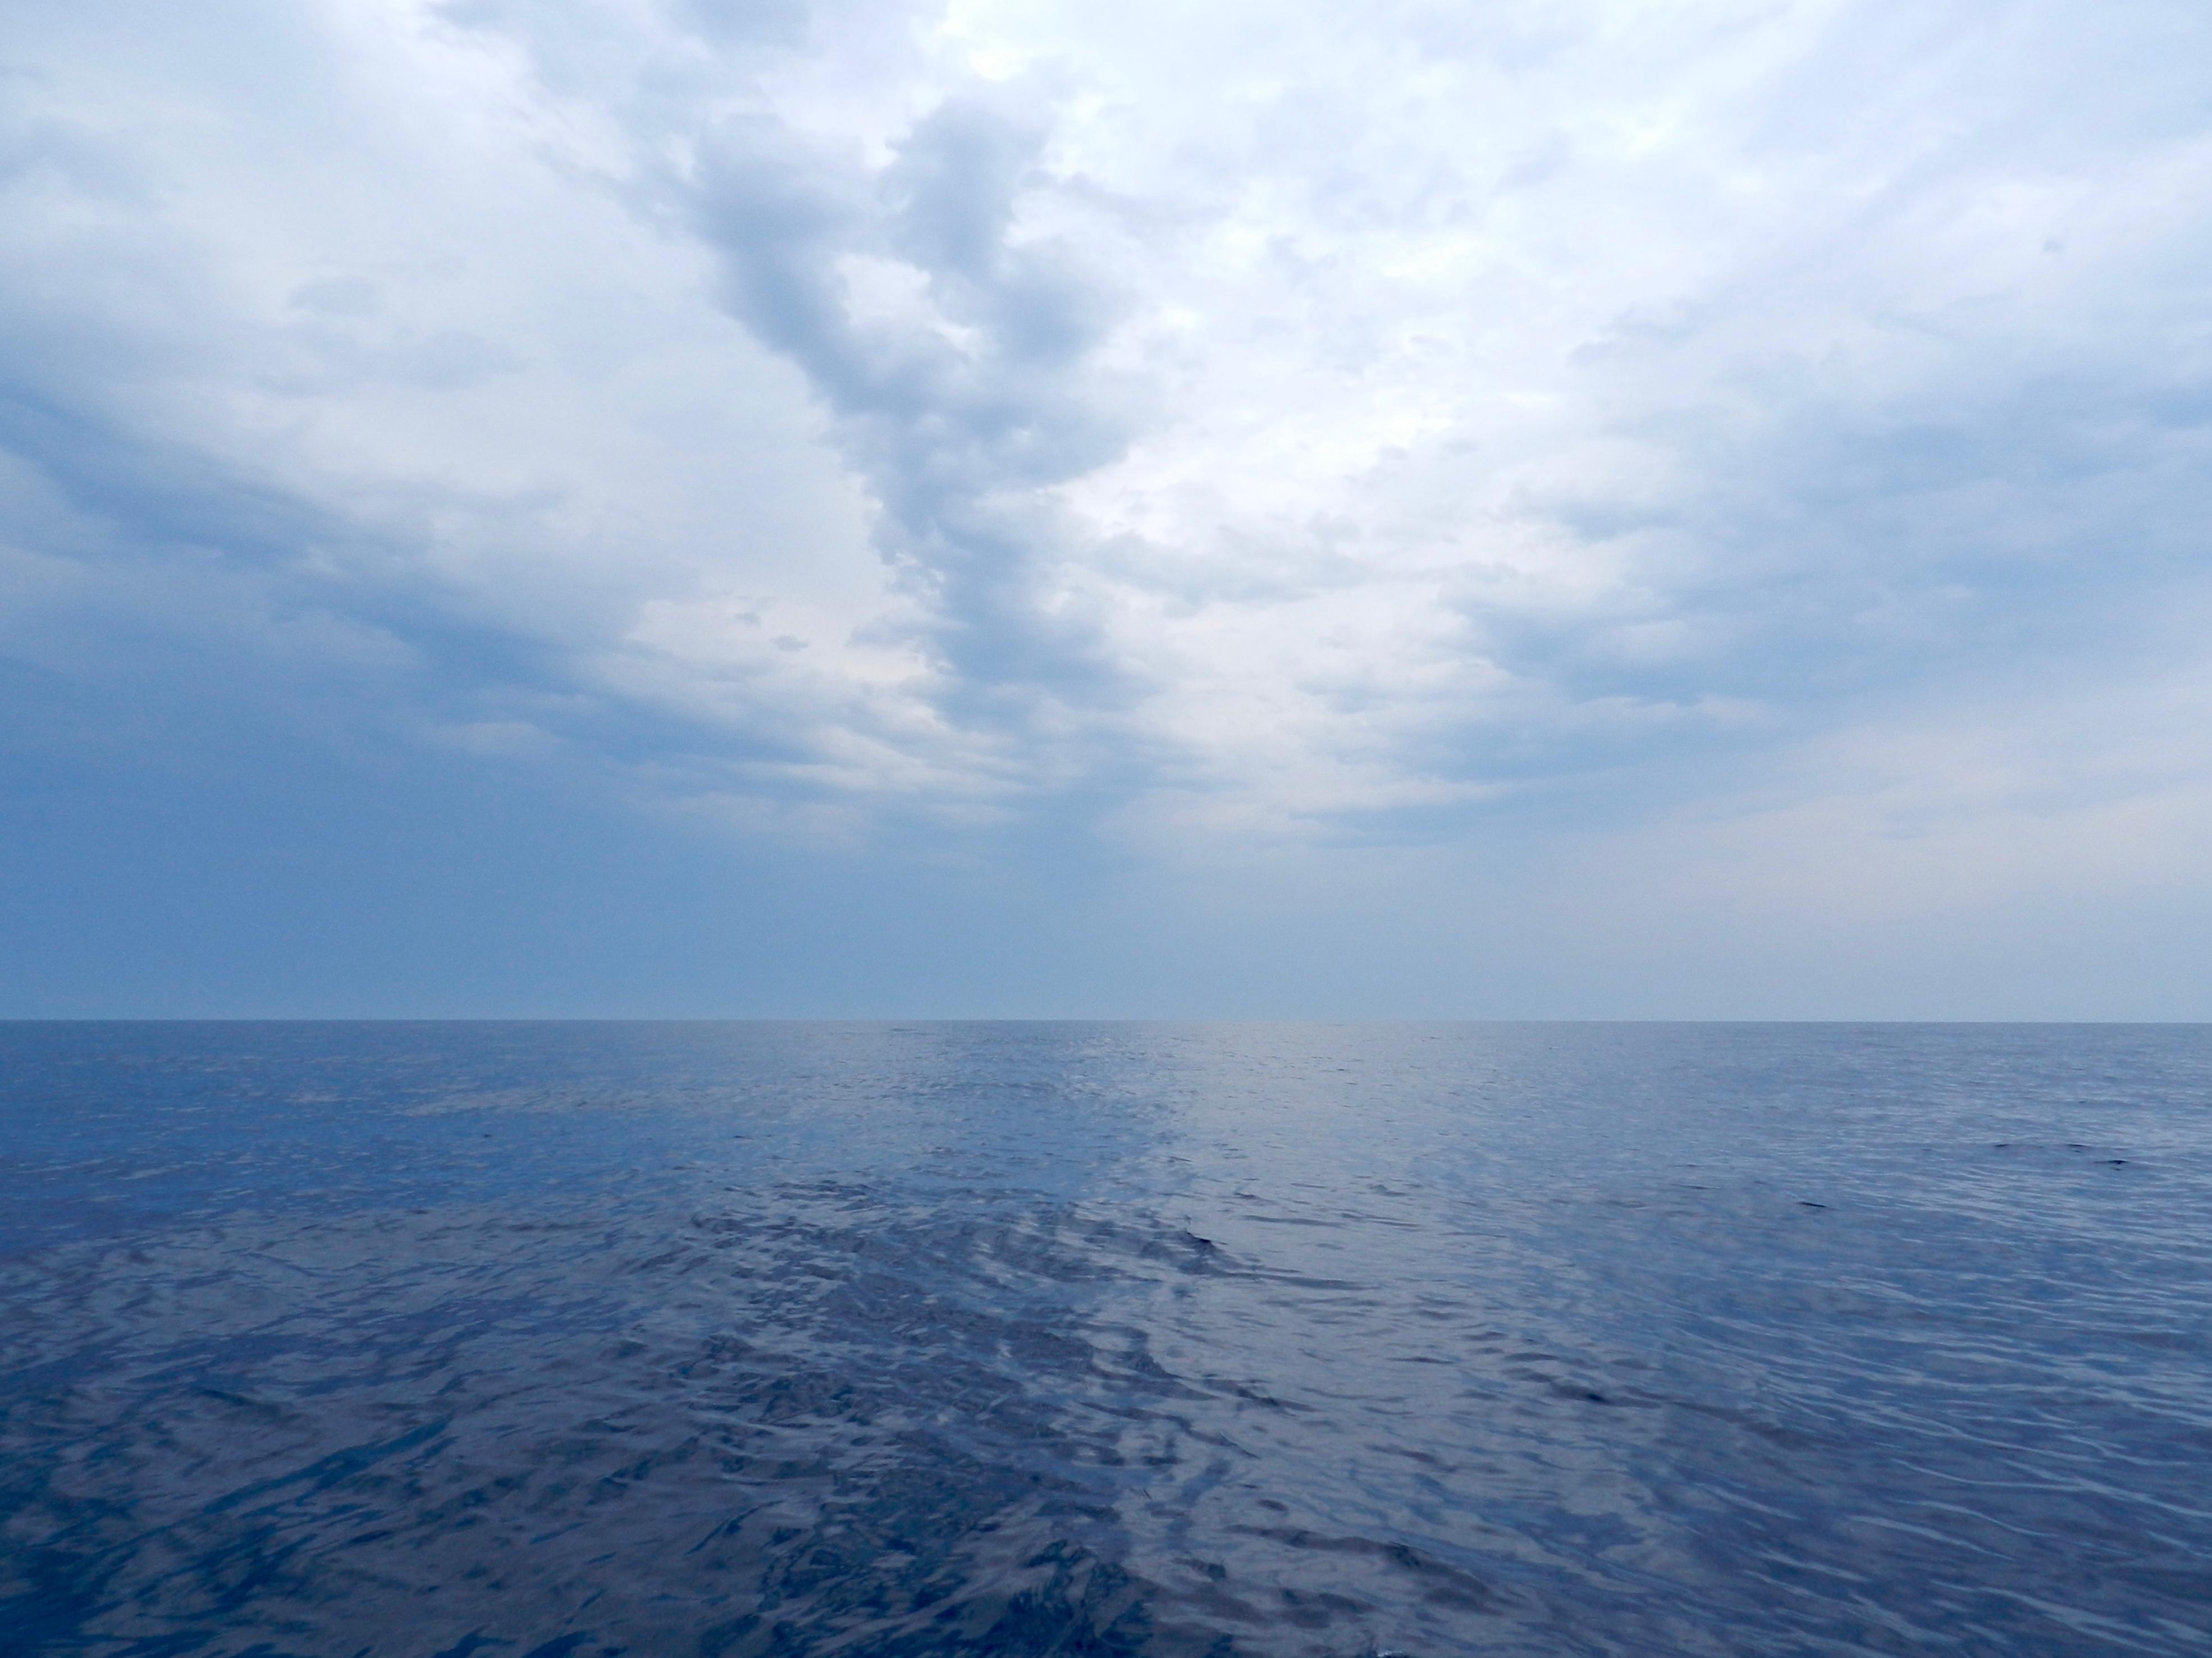 """Schöner Segeltag oder Ruhe vor dem Sturm? Eine zweite Meinung """"an Land"""" ist oft hilfreich"""